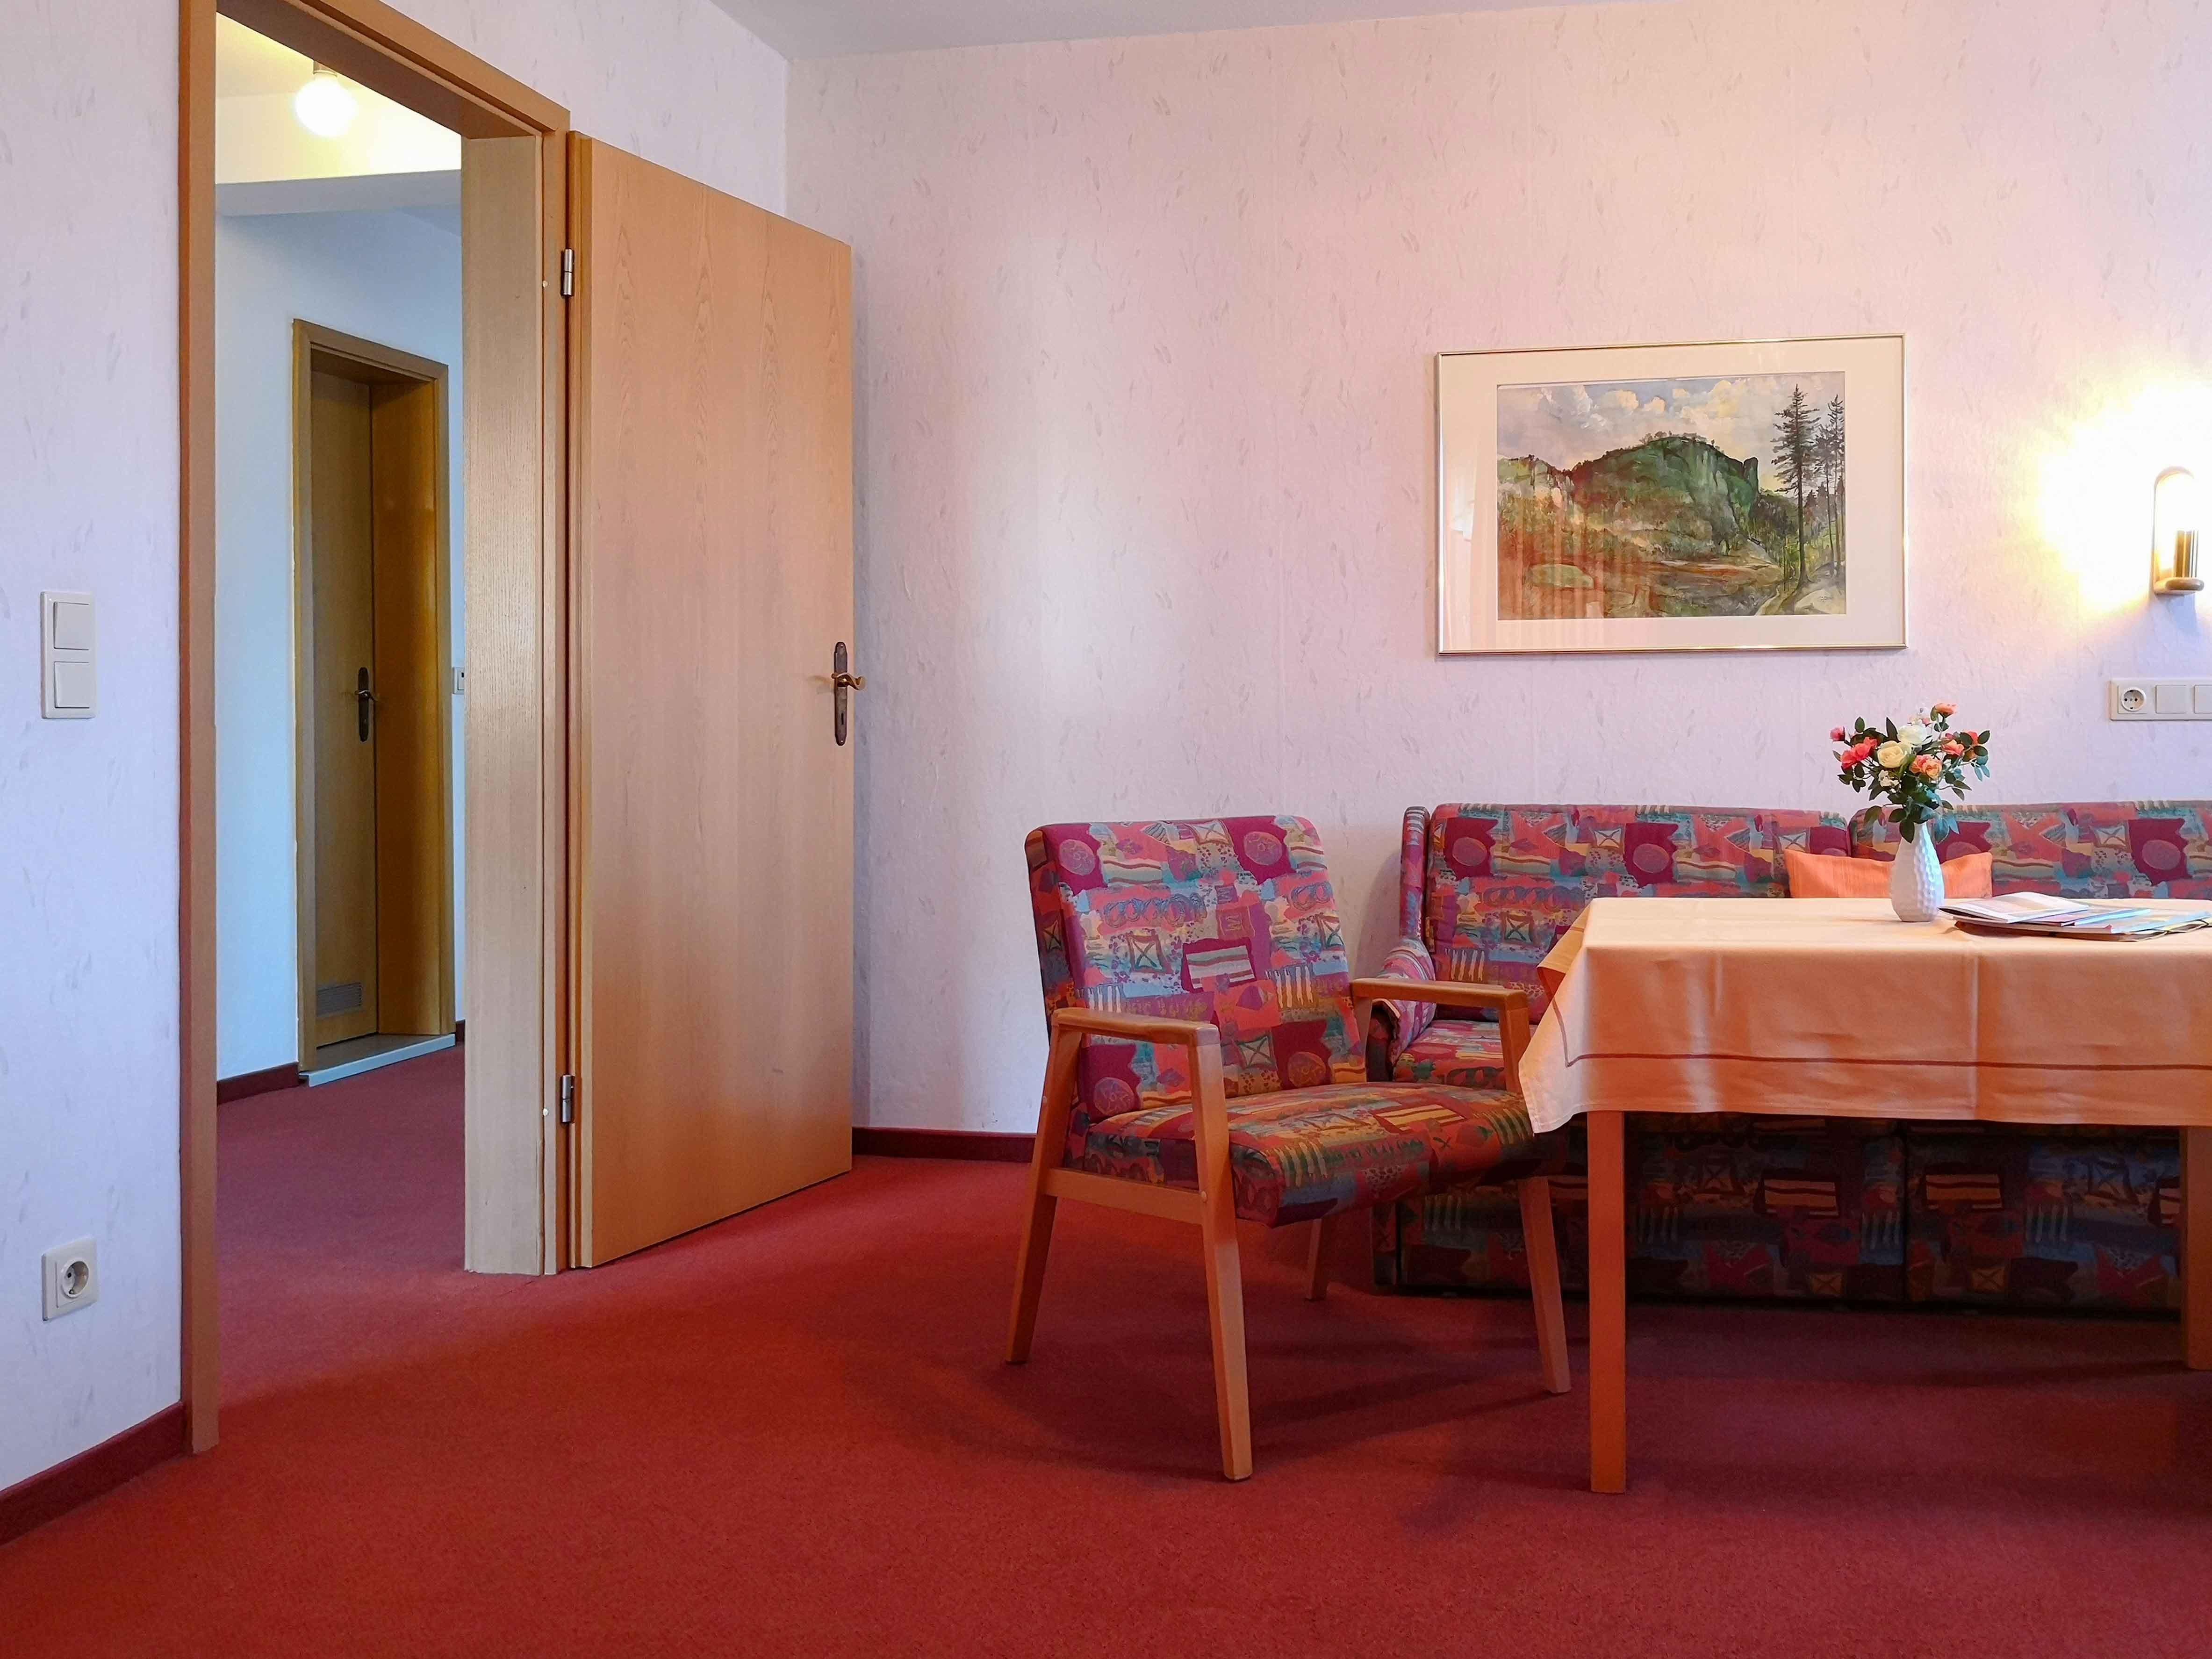 FeWo_Liliensteinn_Wohnzimmer_Blick_zum_ Flur